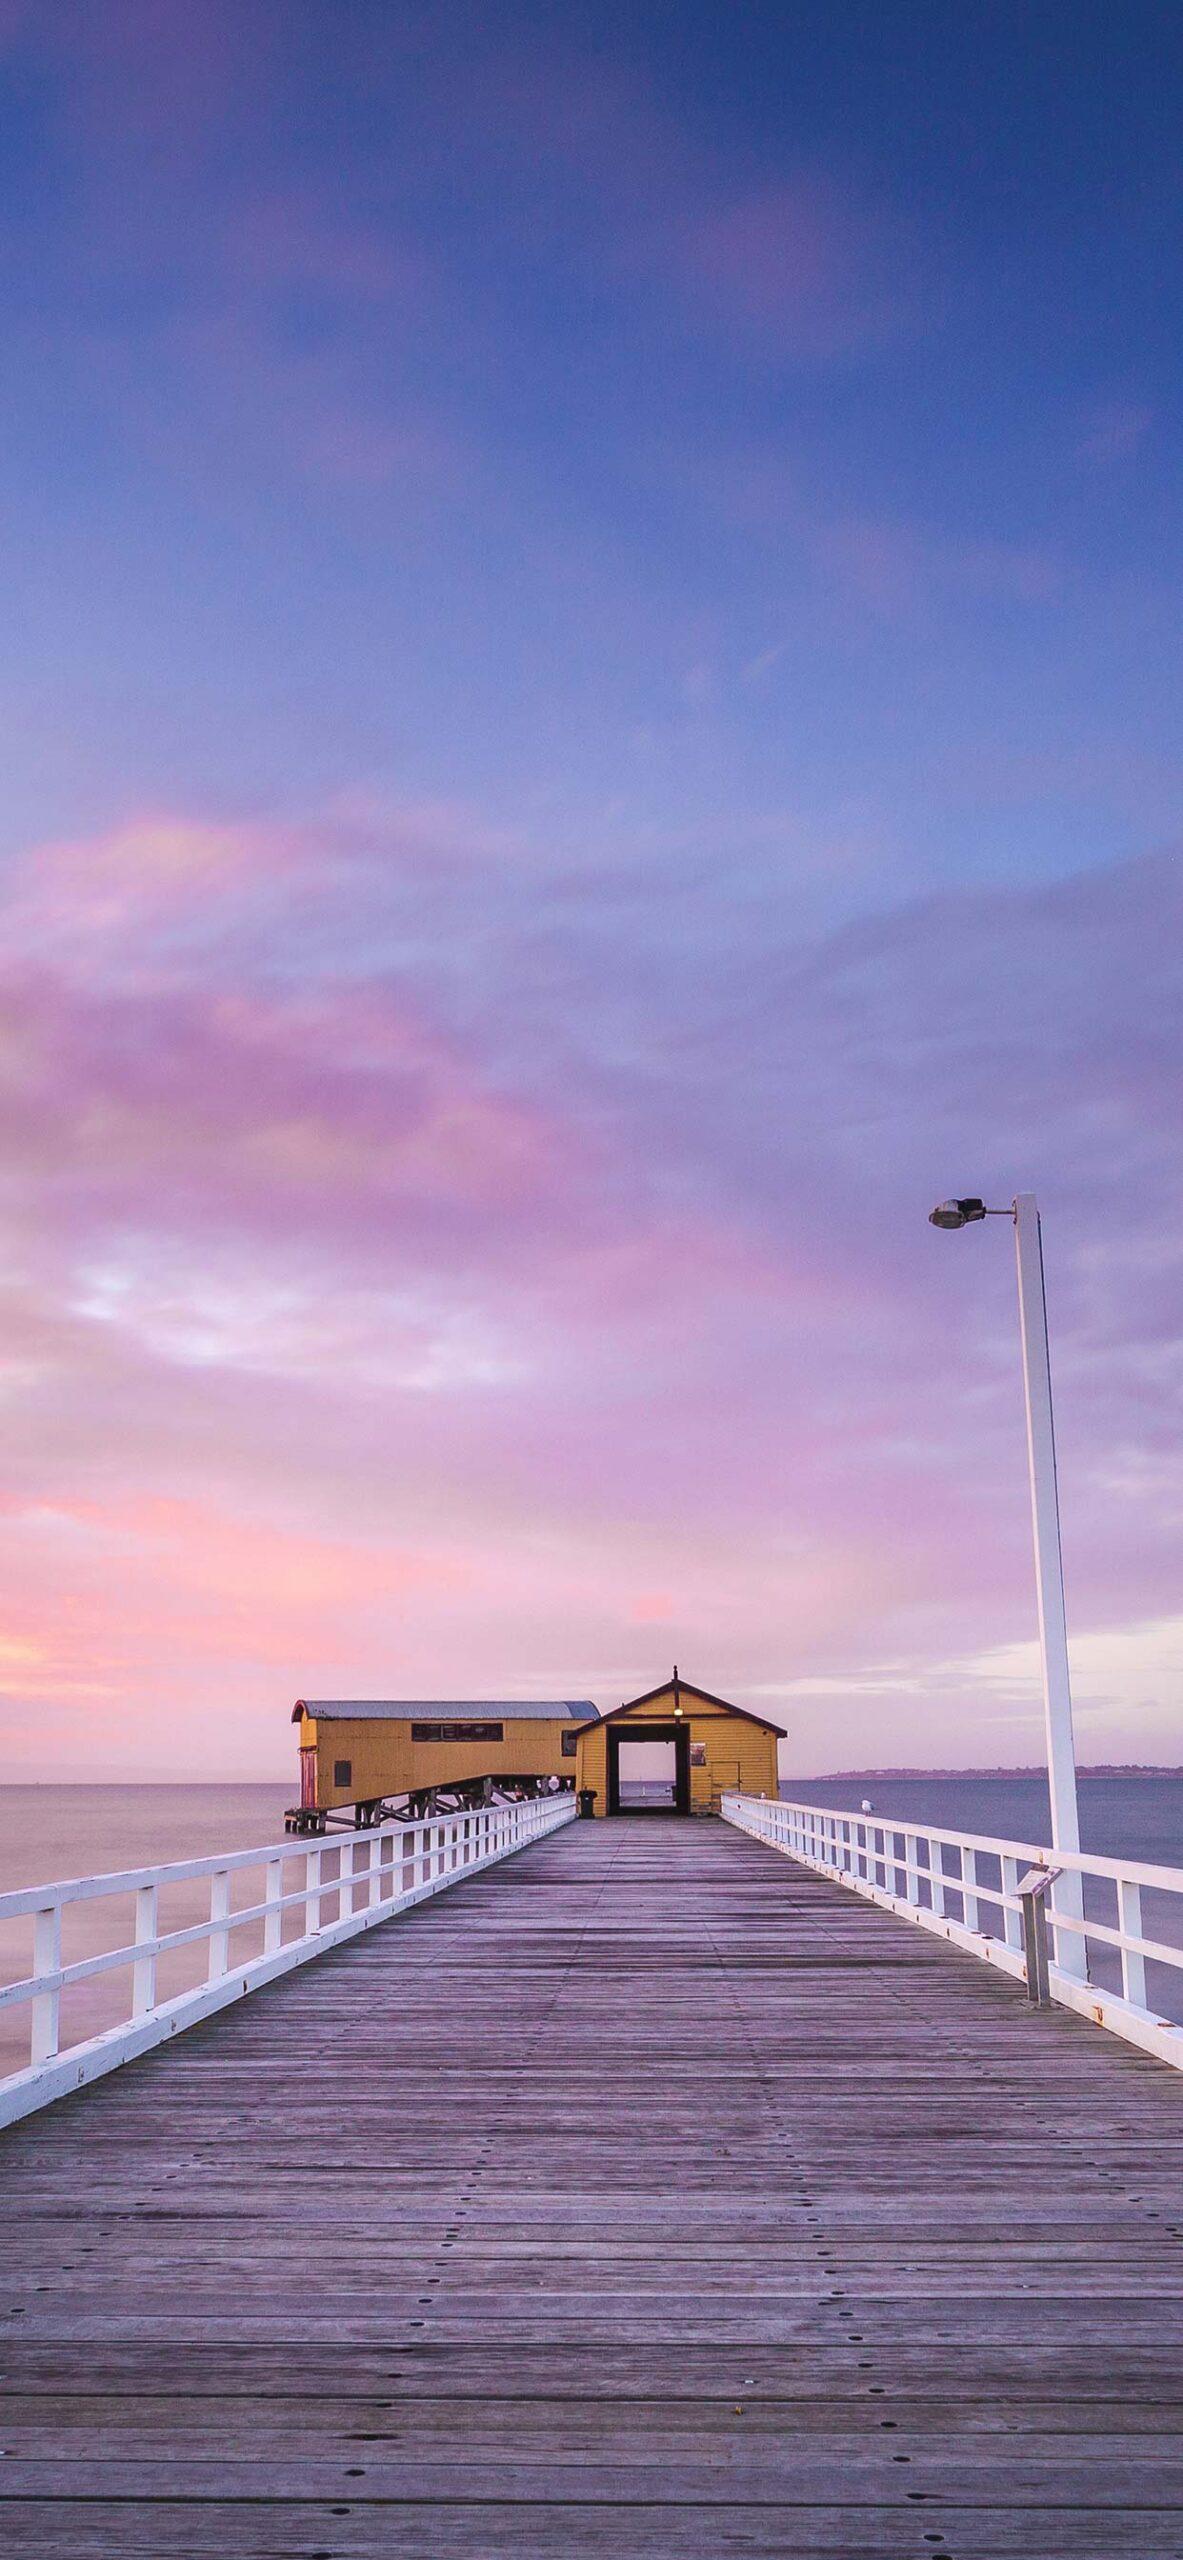 The Cove, Queenscliff